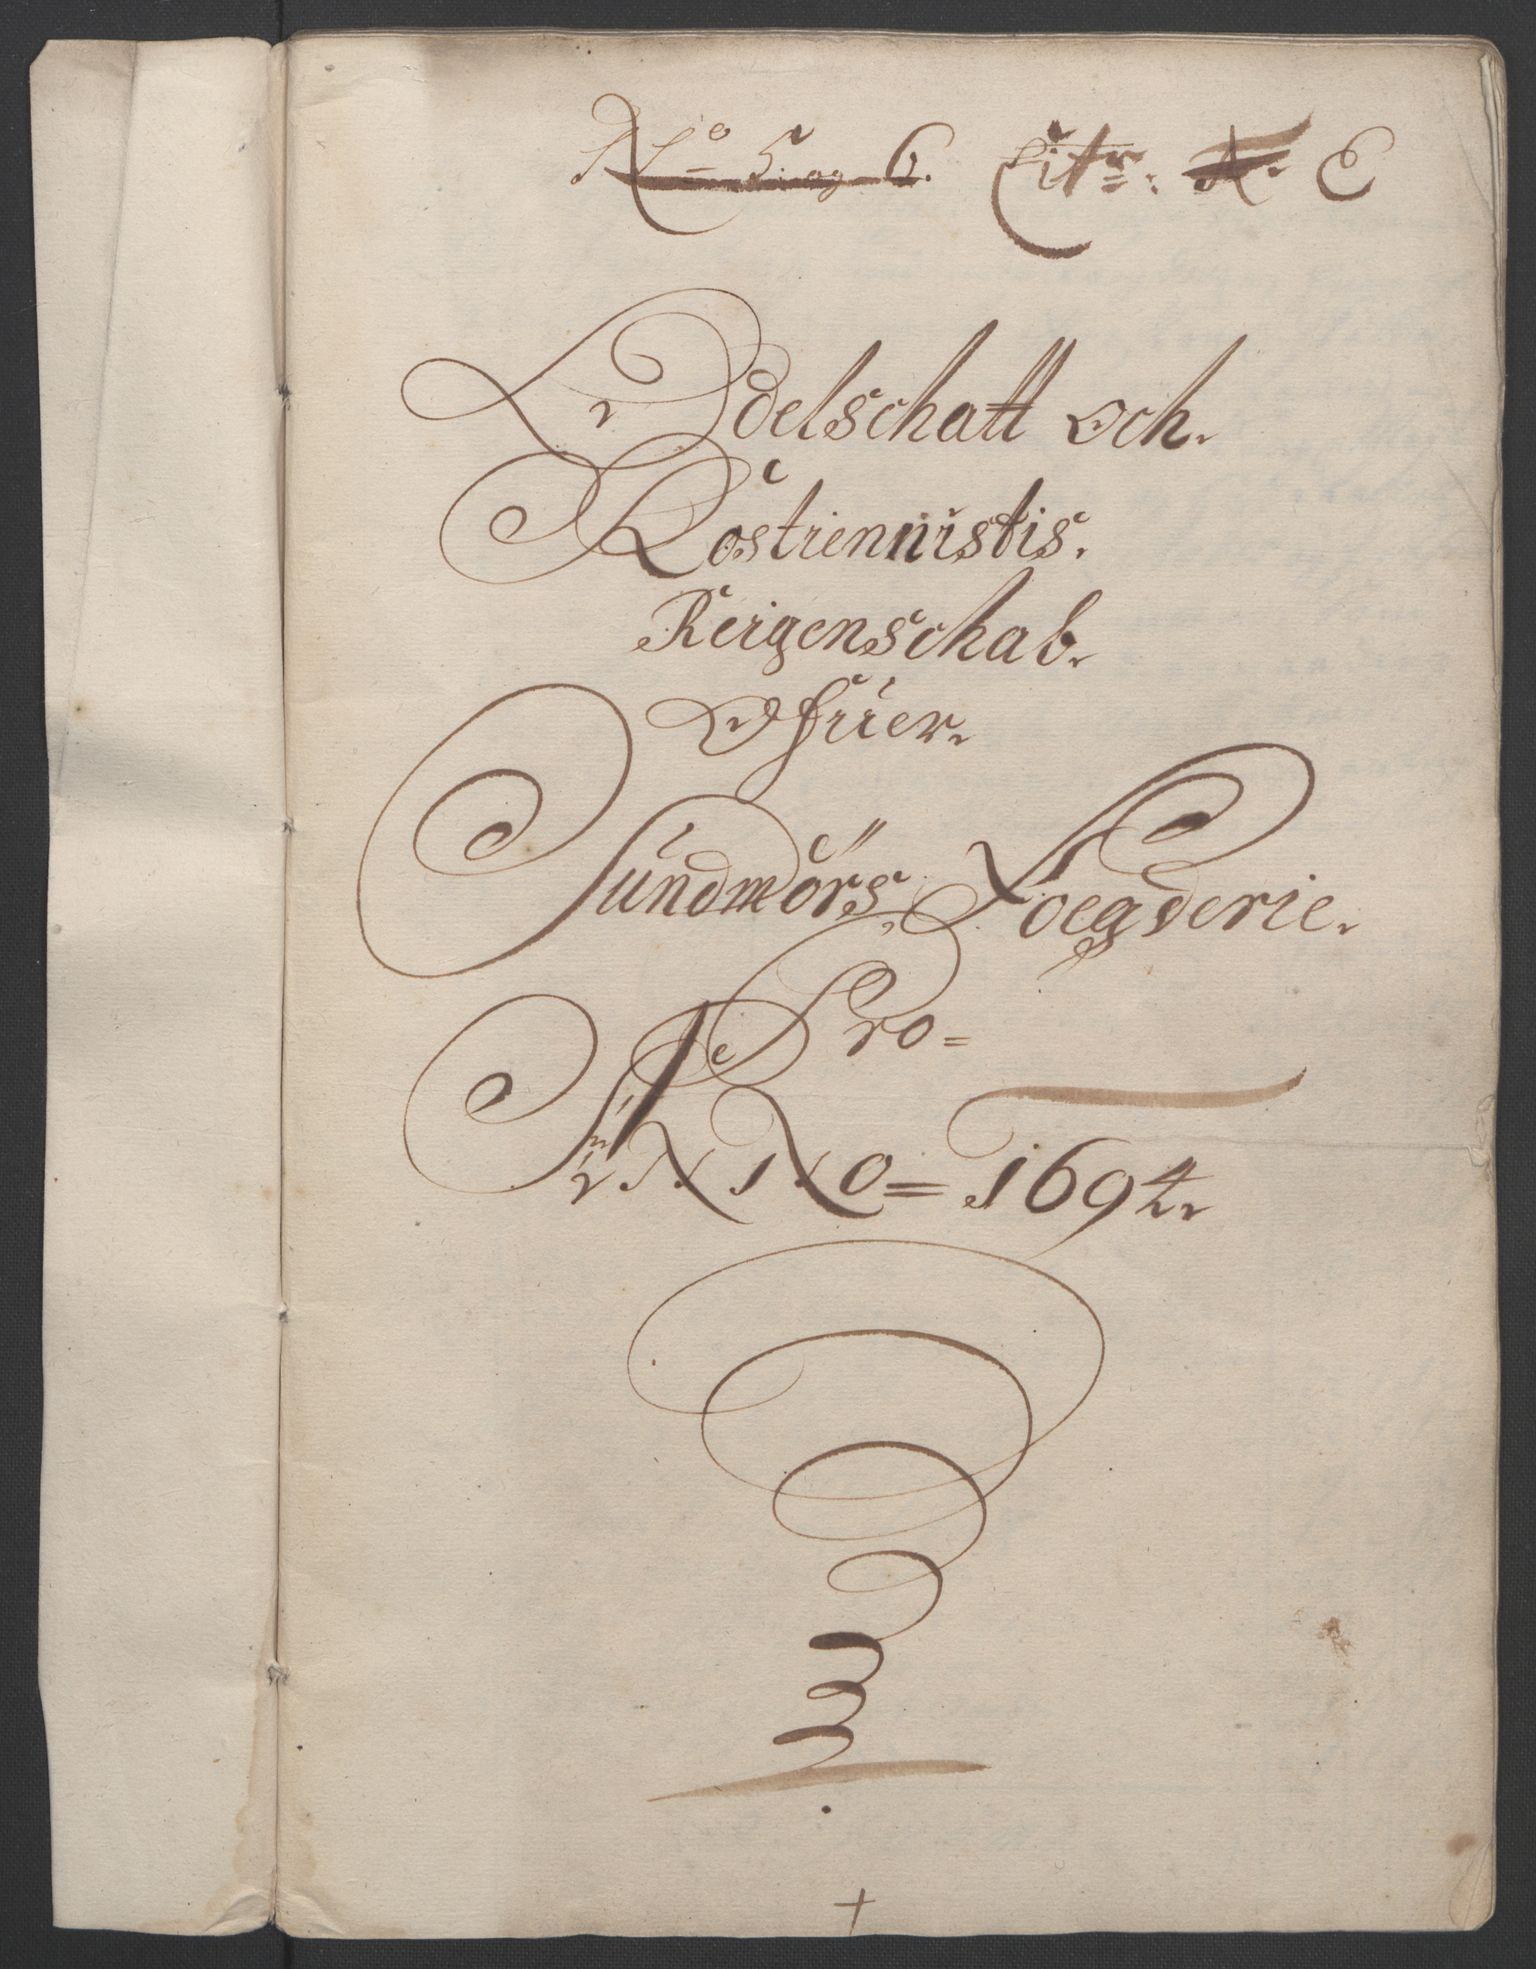 RA, Rentekammeret inntil 1814, Reviderte regnskaper, Fogderegnskap, R54/L3555: Fogderegnskap Sunnmøre, 1694-1695, s. 123